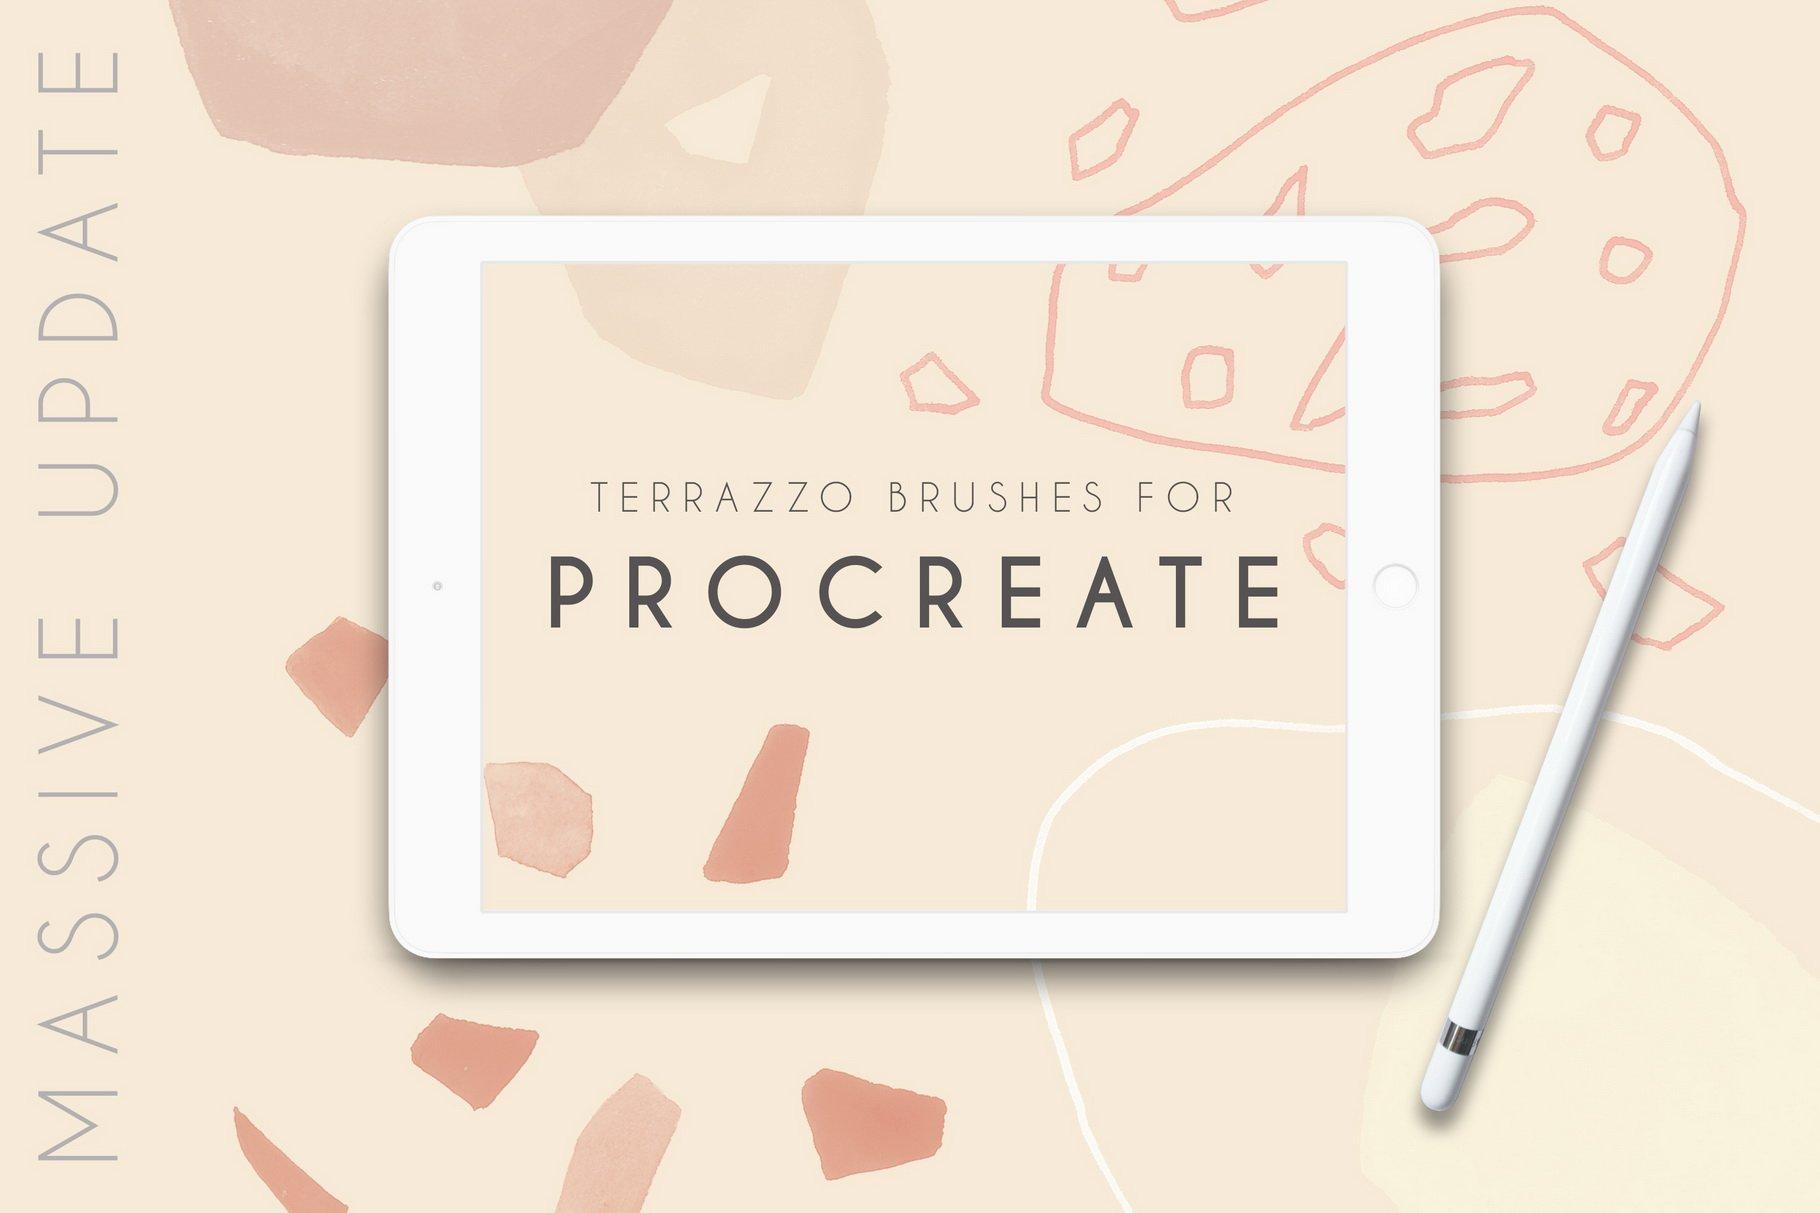 100款现代抽象石头几何图案Procreate水彩印章笔刷 Terrazzo Procreate Brushes插图(3)